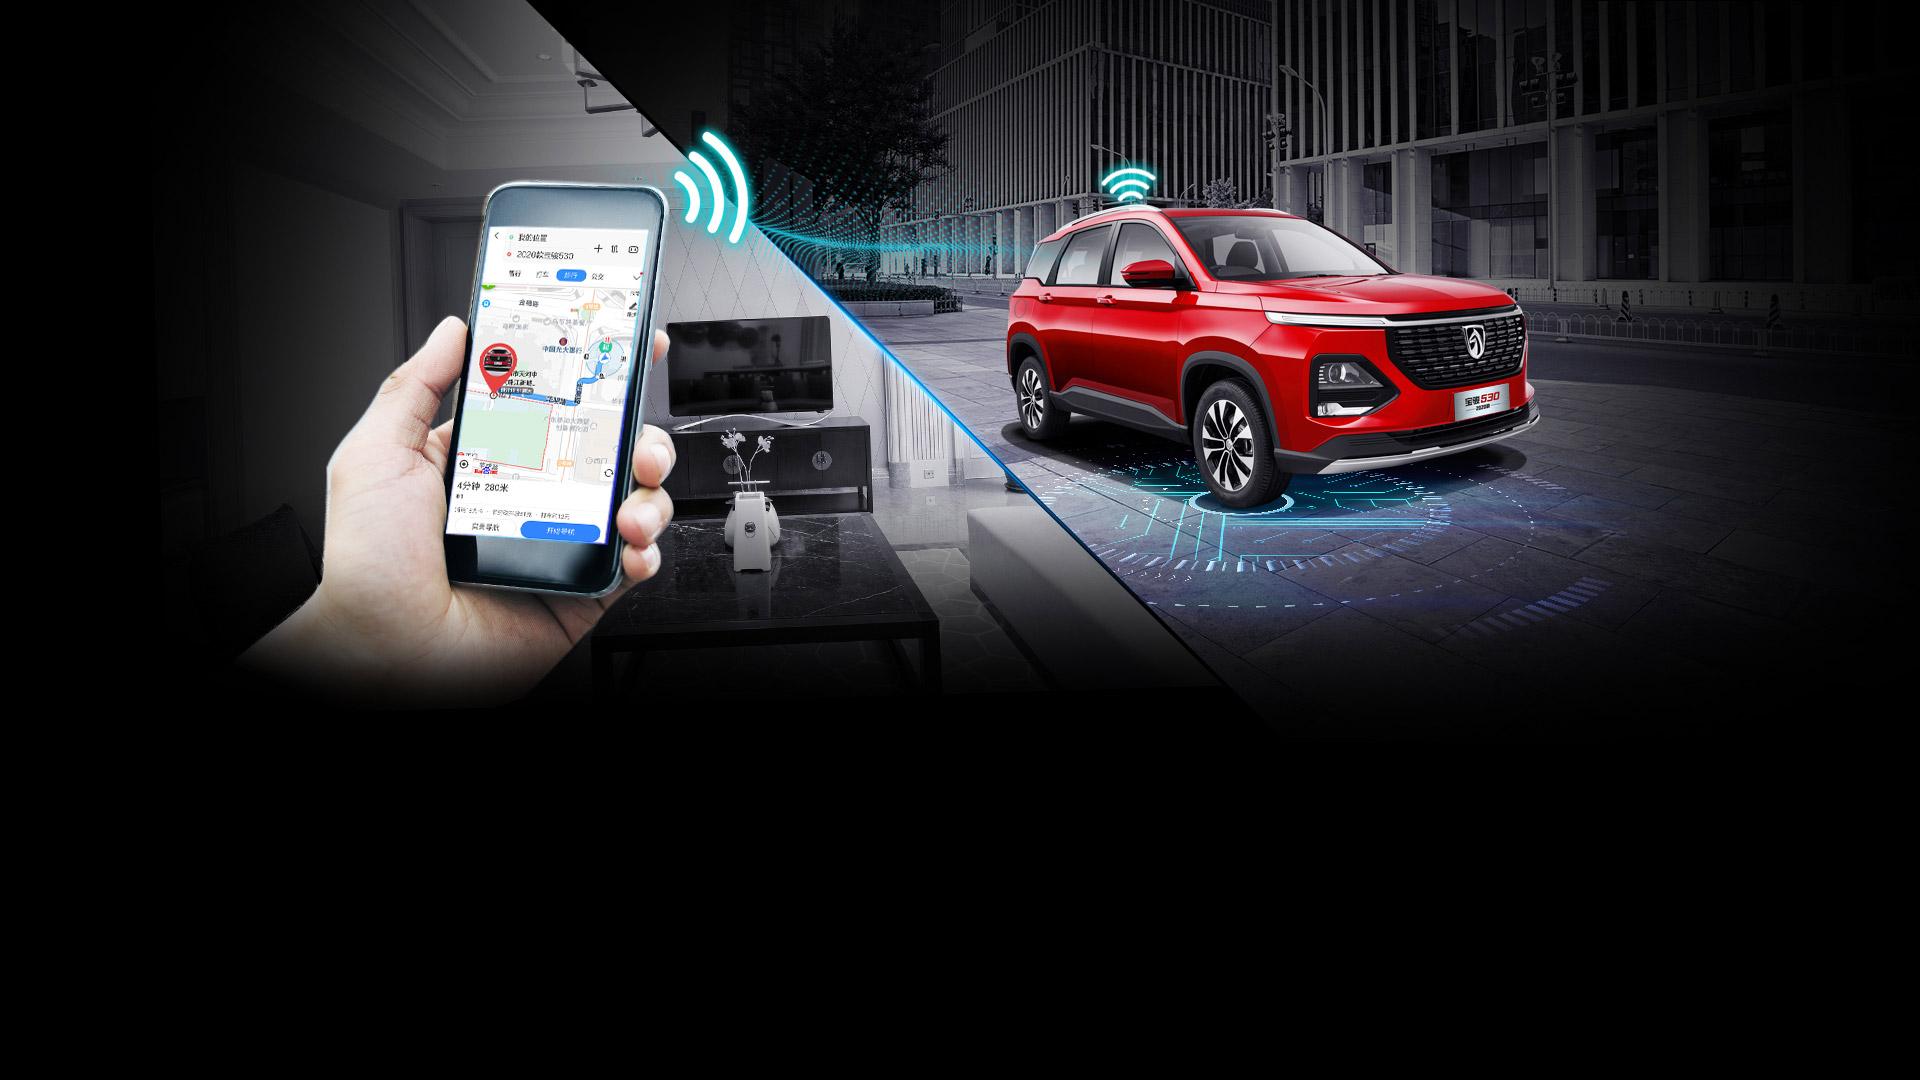 寶駿530,2020款,智(zhi)能車聯網,手機遠(yuan)程控制